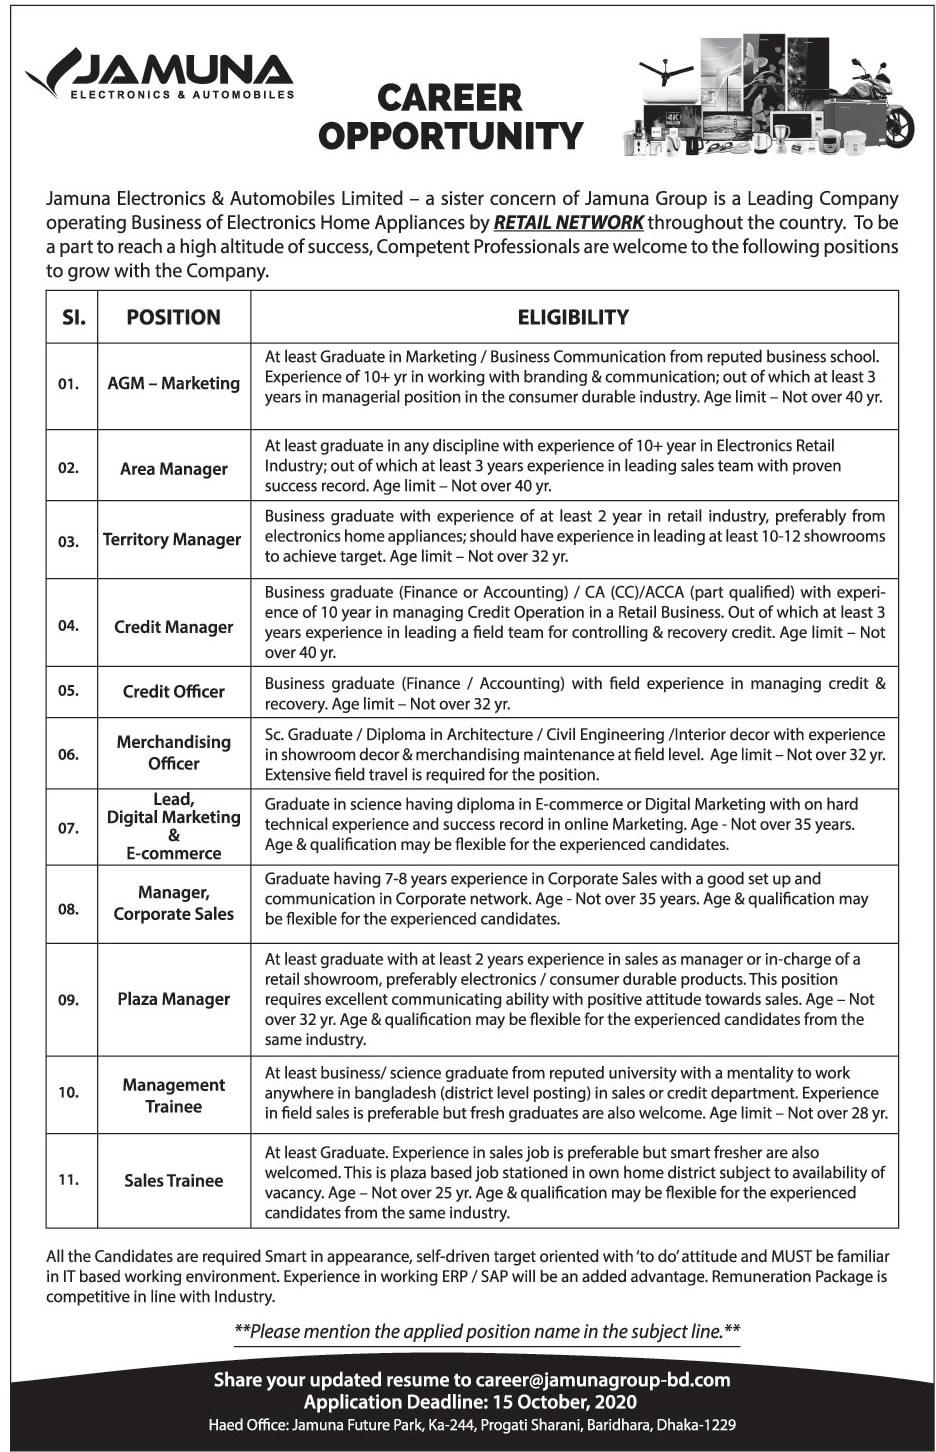 Jamuna Electronics Automobiles Limited Job Circular